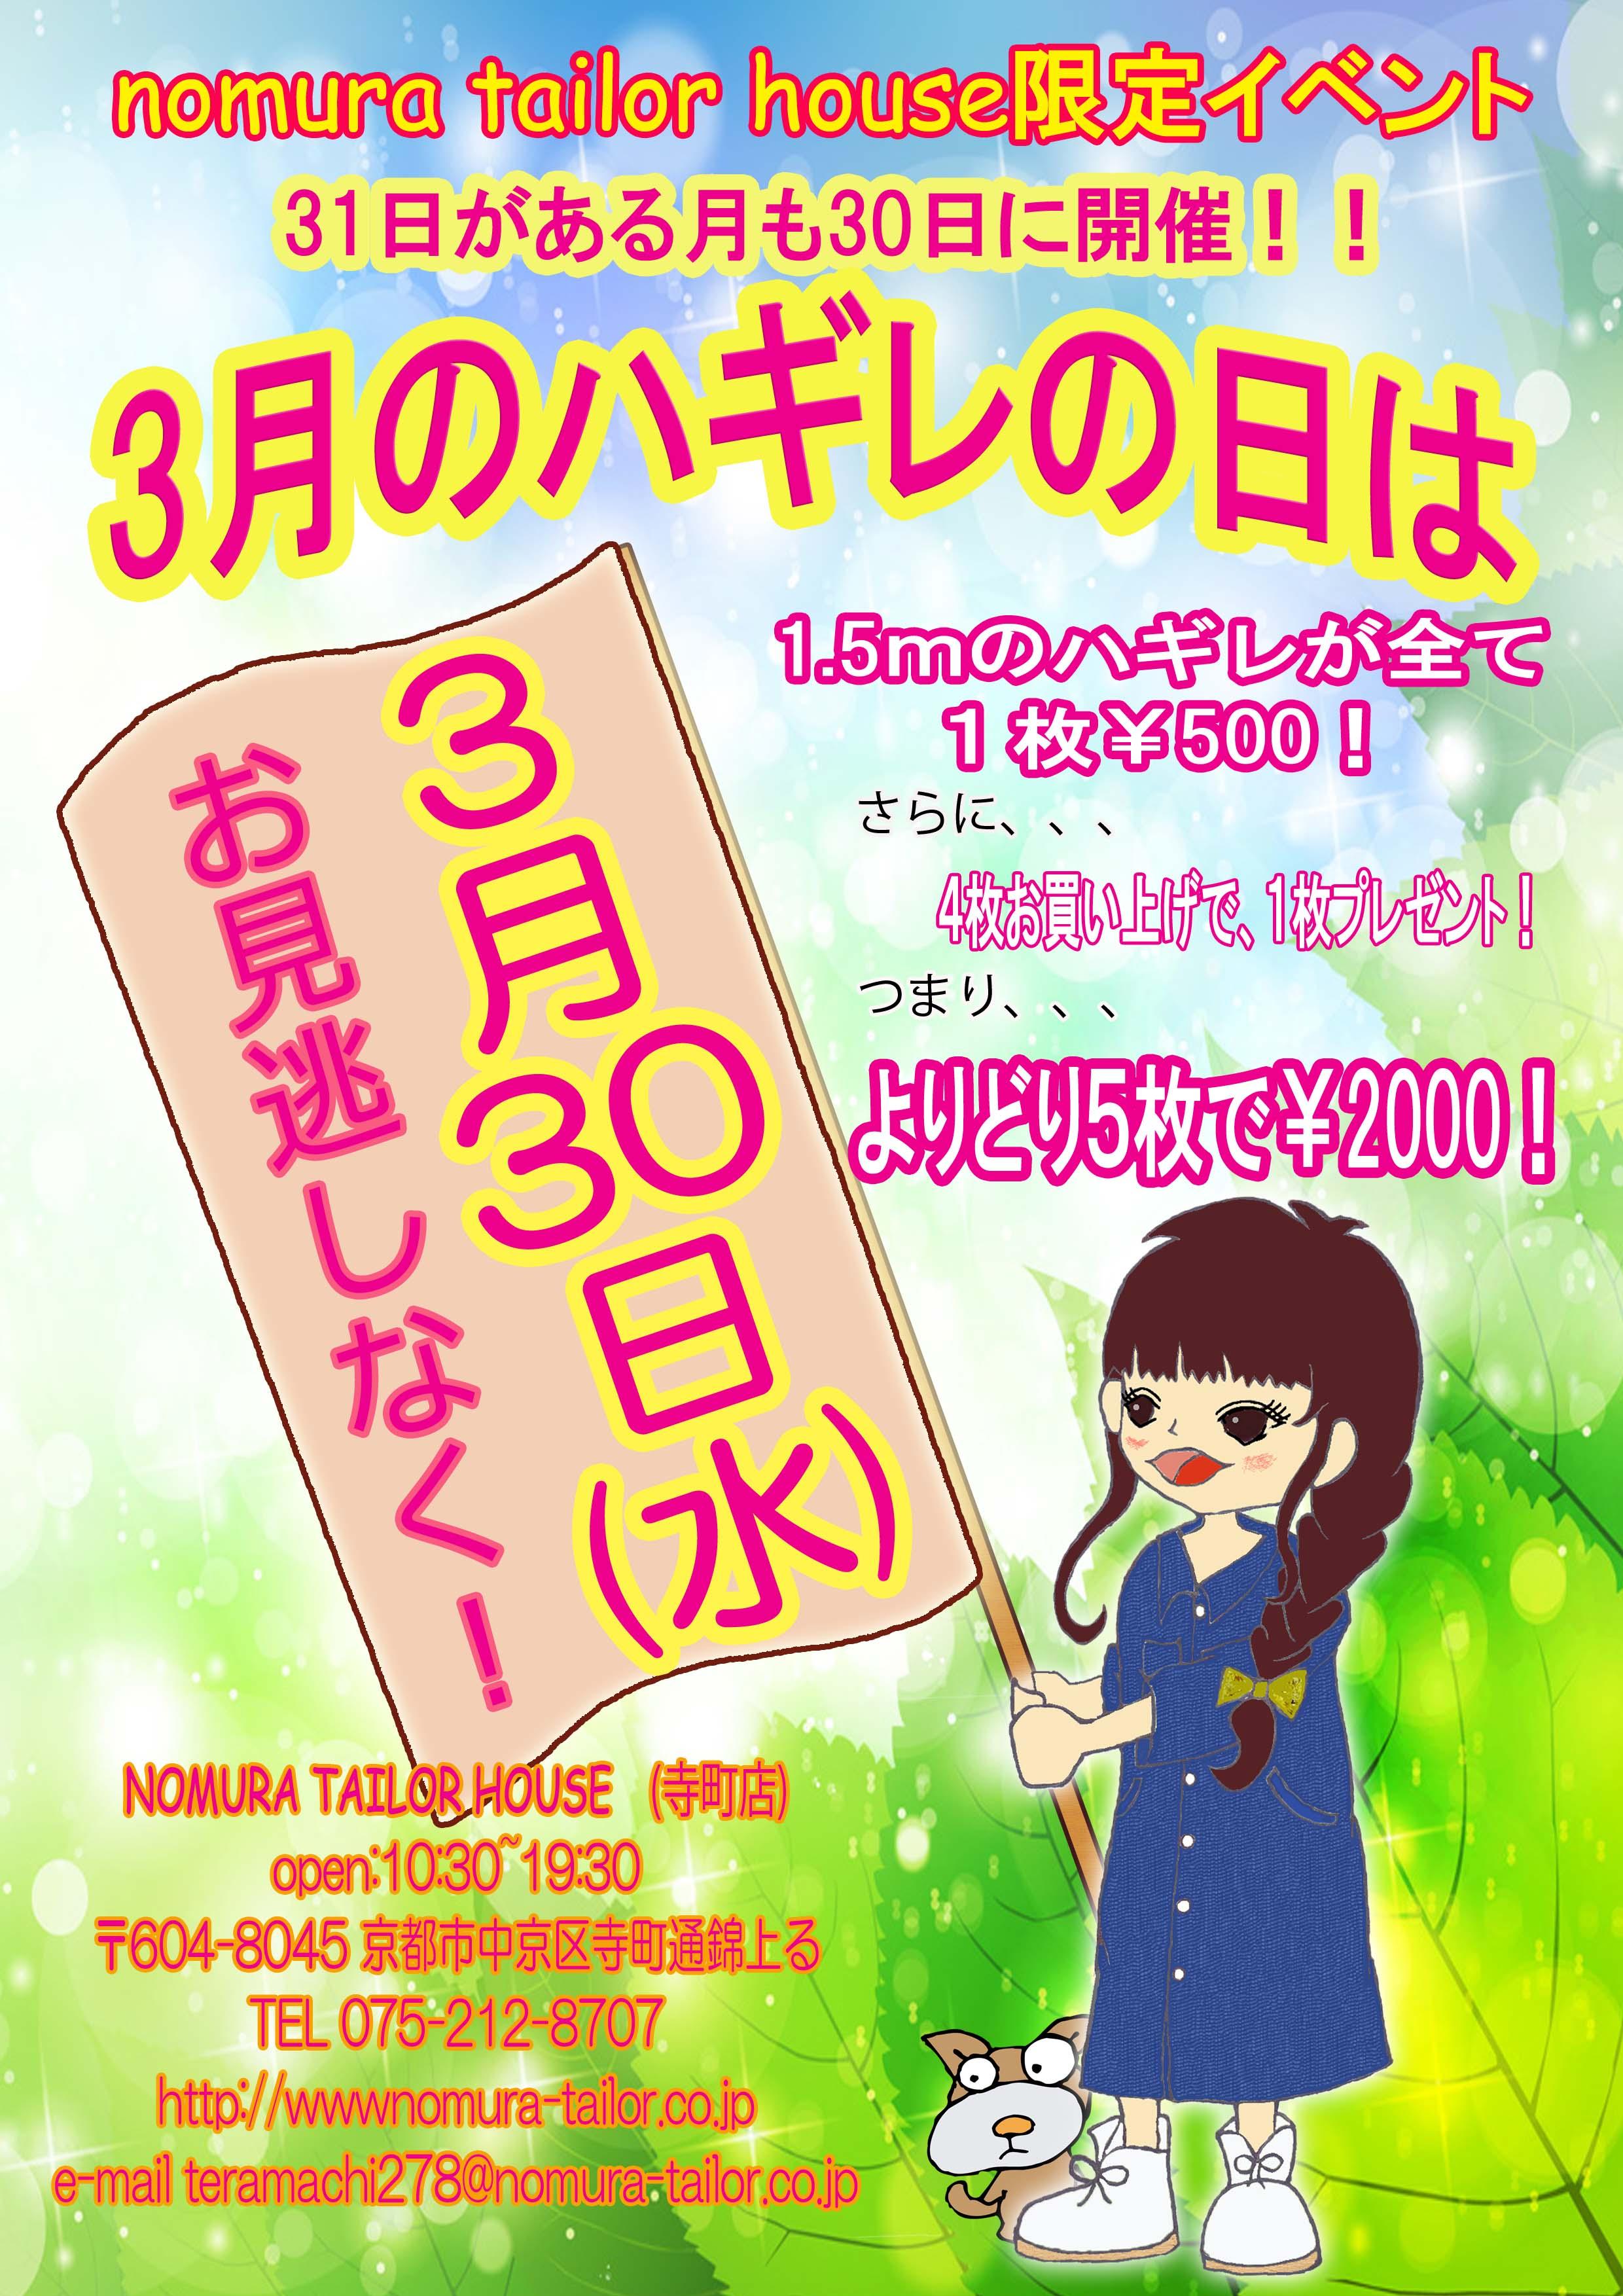 3月30日はハギレの日!! | 会社...